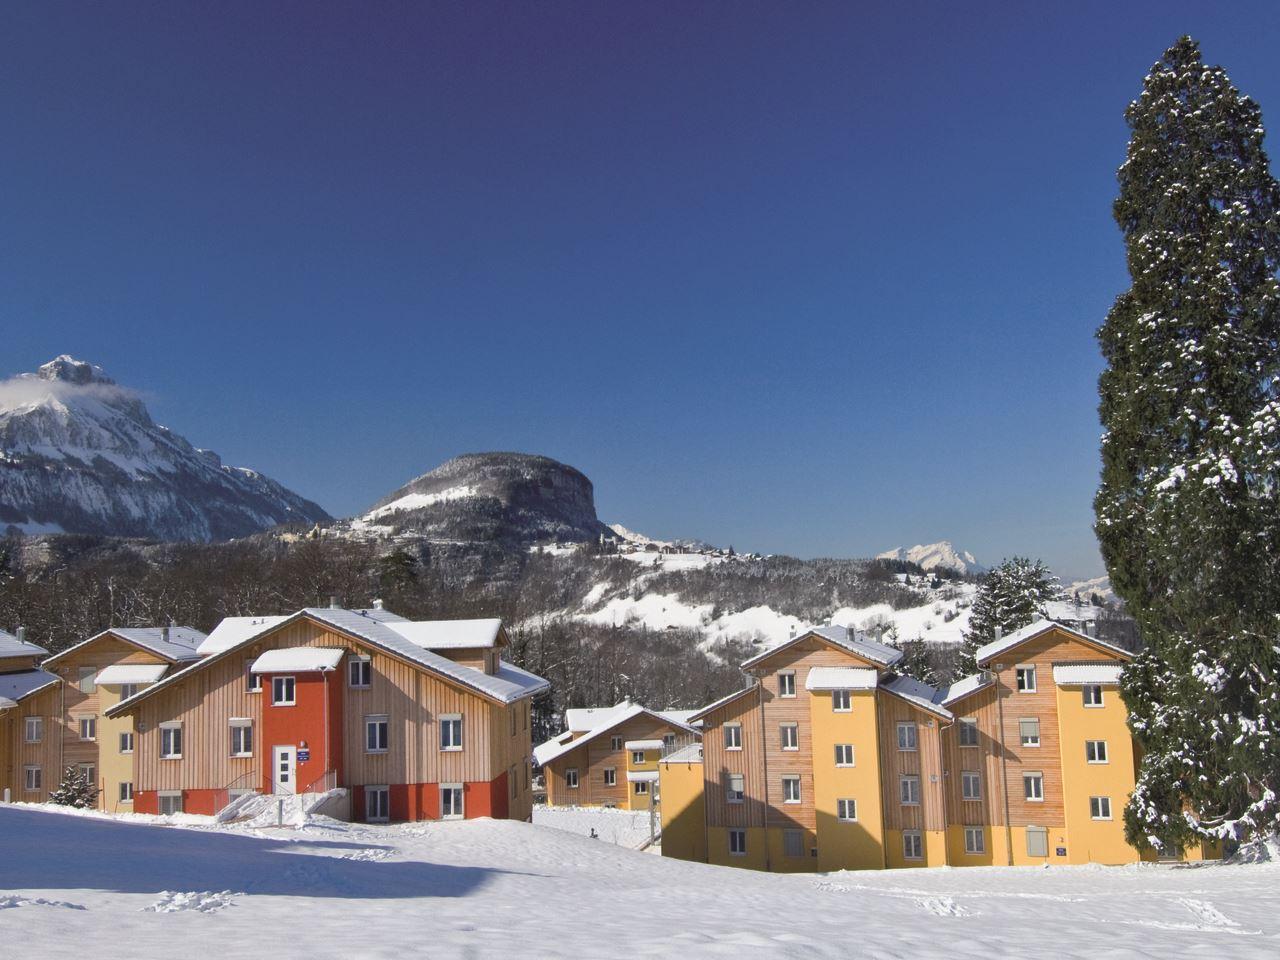 Ferienwohnung 6-Personen-Ferienwohnung im Ferienpark Landal Vierwaldstättersee - in den Bergen (355278), Morschach, Vierwaldstättersee, Zentralschweiz, Schweiz, Bild 2